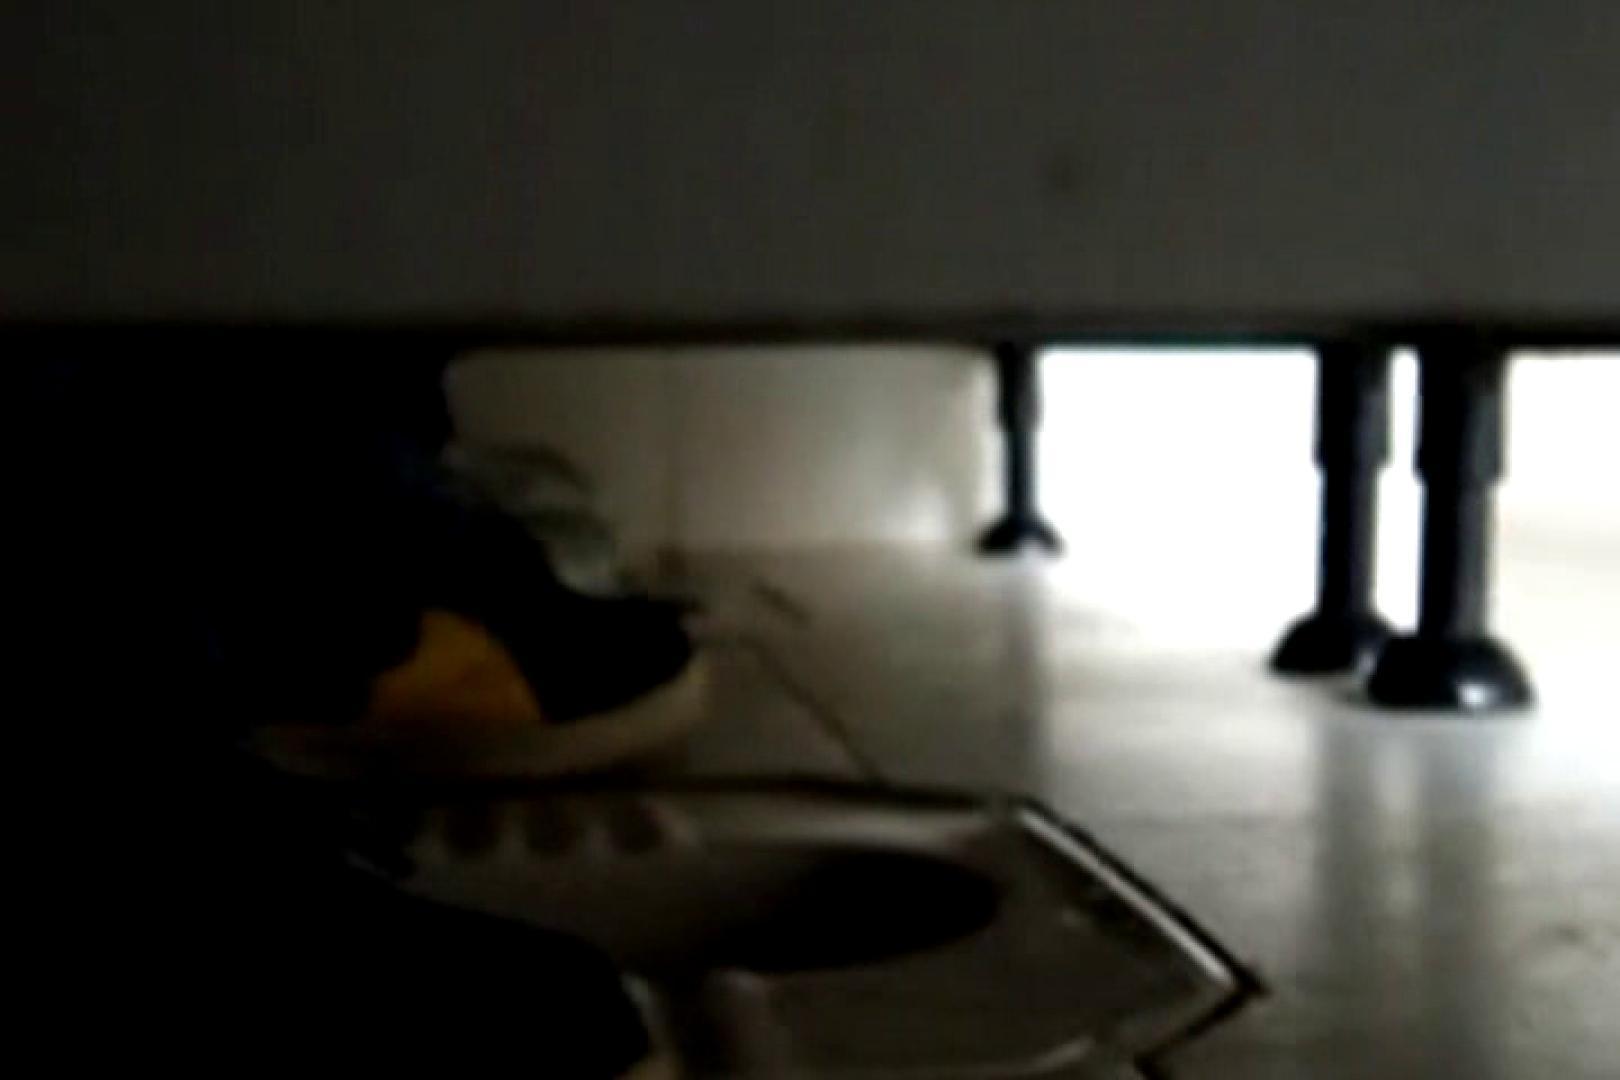 ぼっとん洗面所スペシャルVol.5 洗面所はめどり 性交動画流出 68画像 23